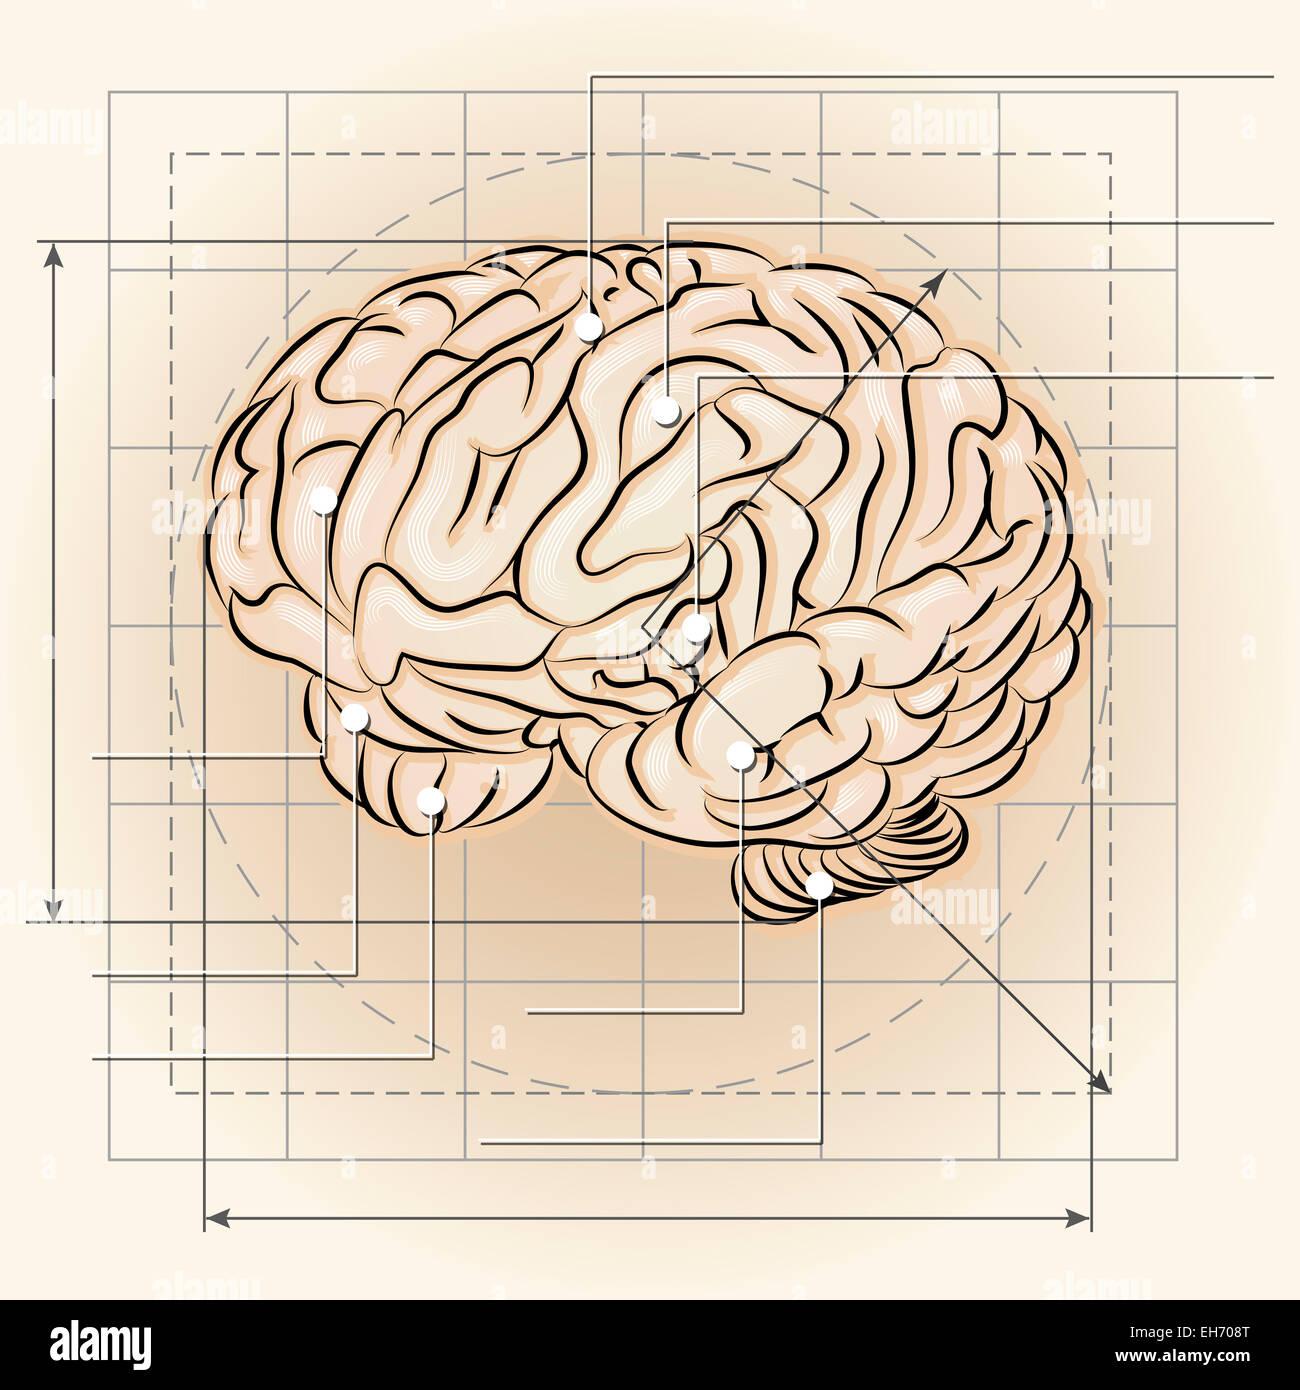 Groß Anatomie Des Gehirns Flash Karten Zeitgenössisch - Anatomie ...